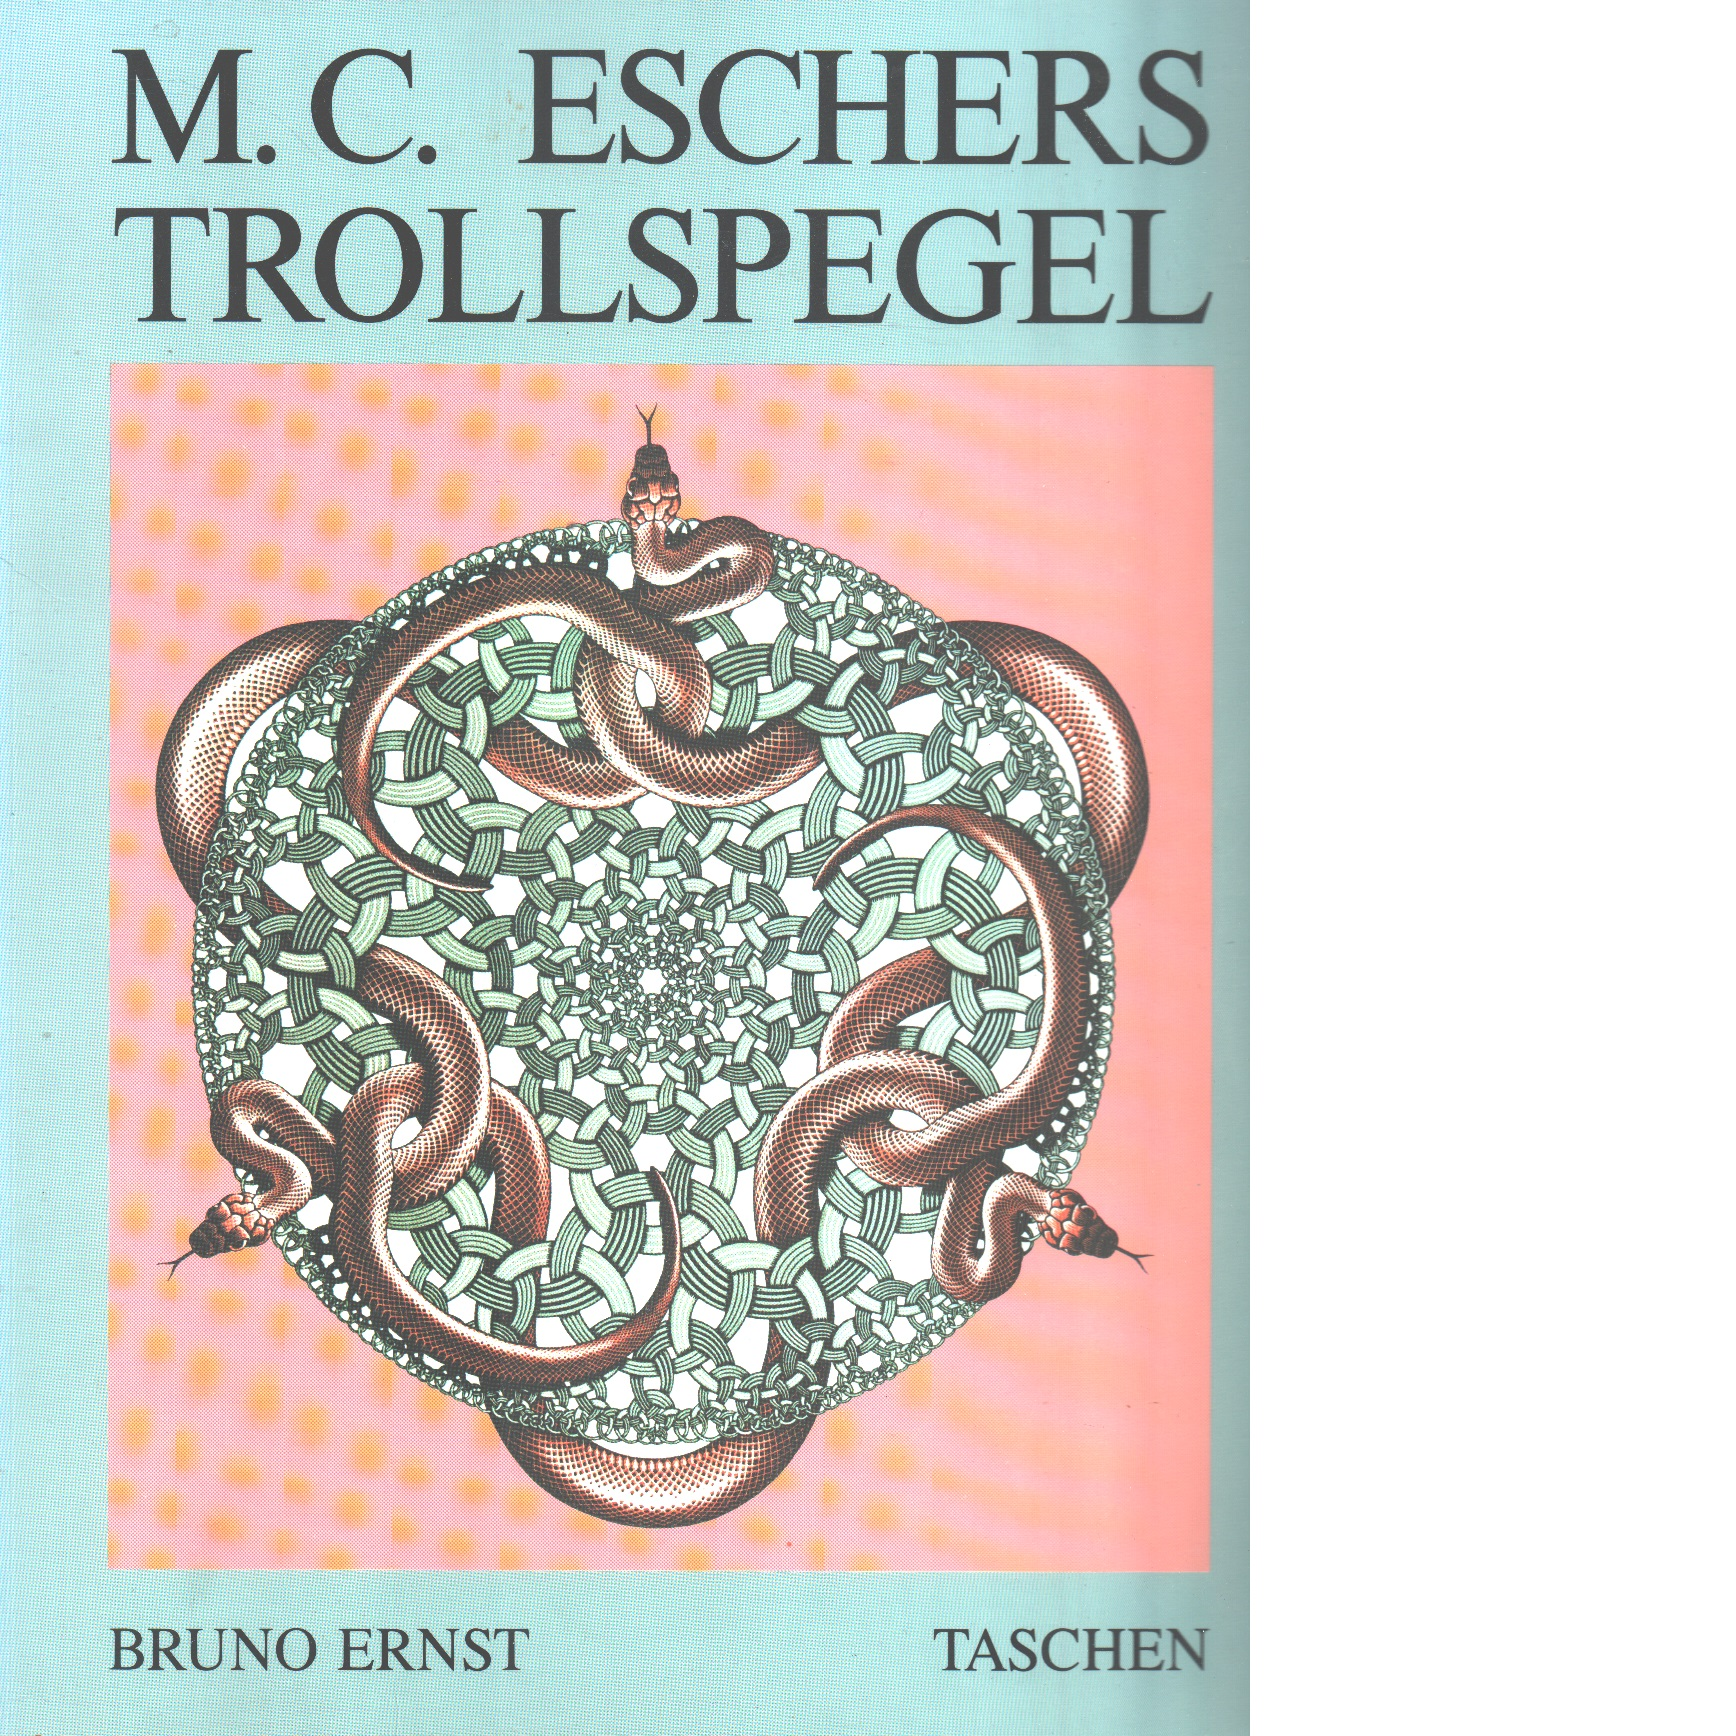 Maurits Cornelis Eschers trollspegel - Ernst, Bruno